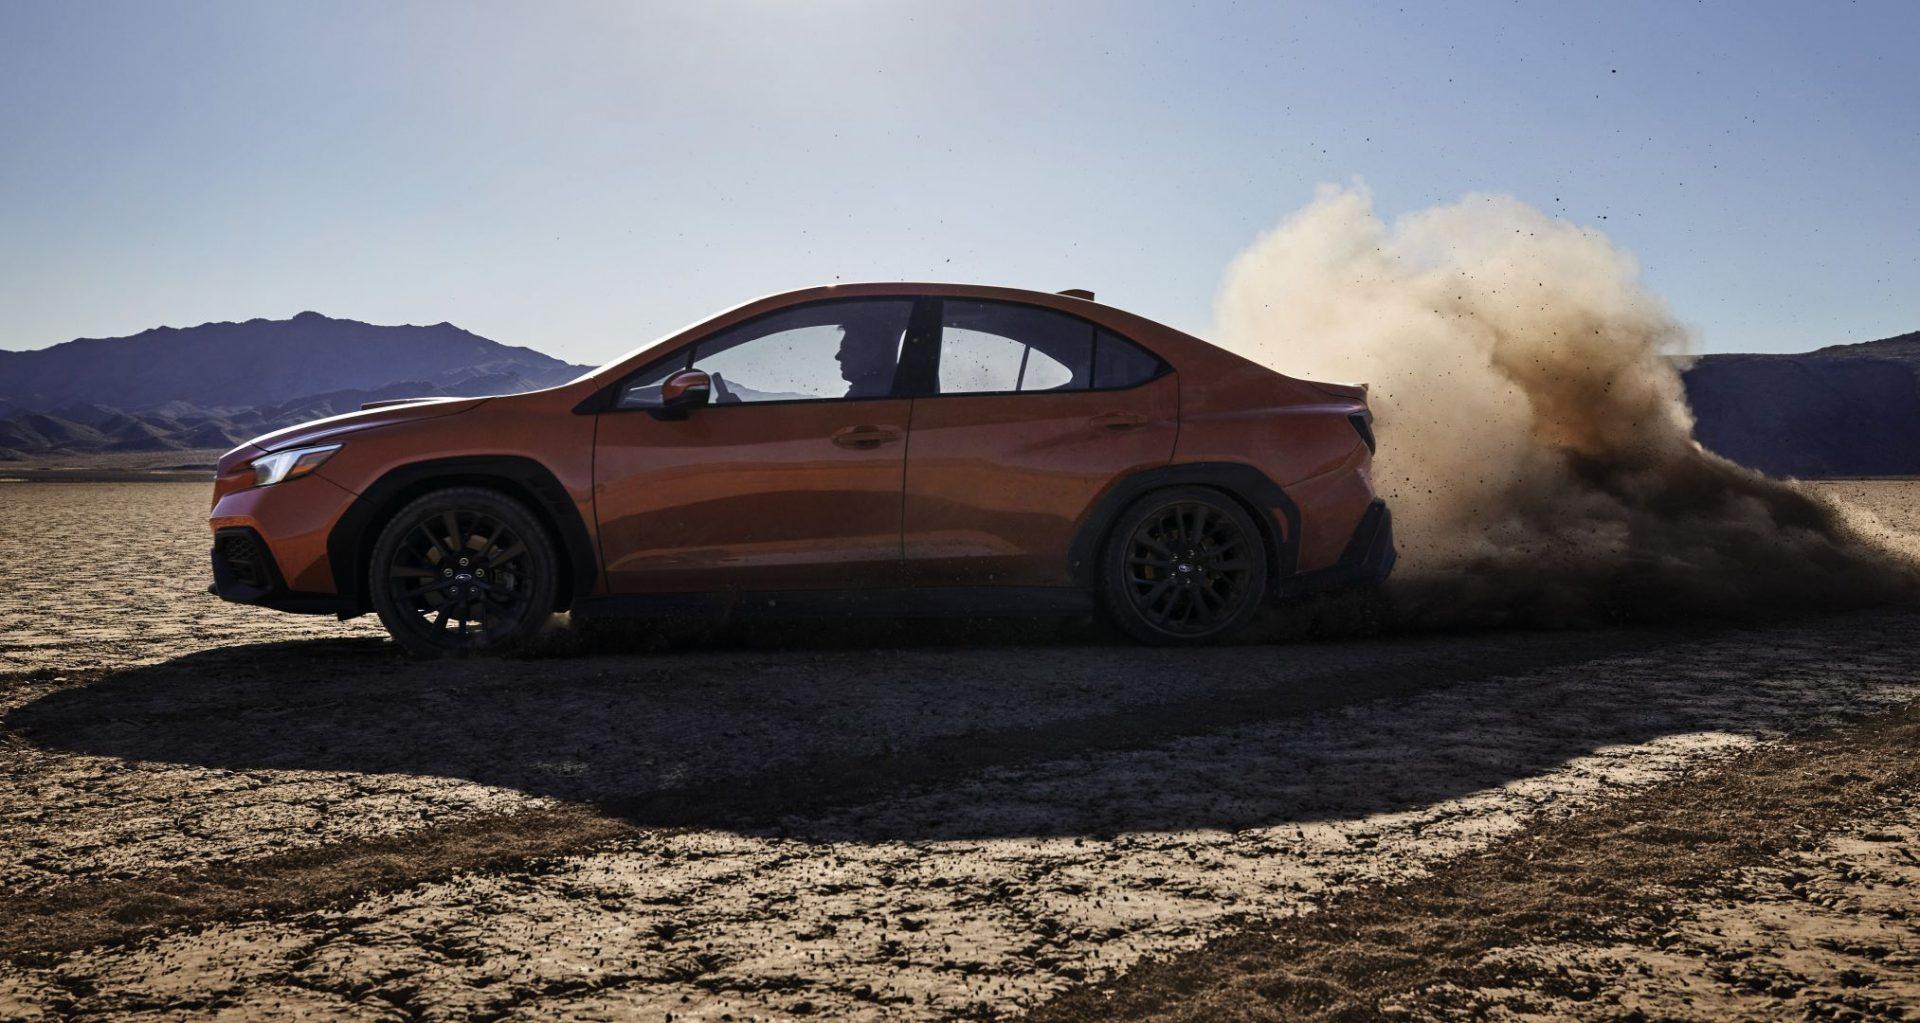 Predstavljen je novi Subaru WRX, a nova STI izvedba se još čeka